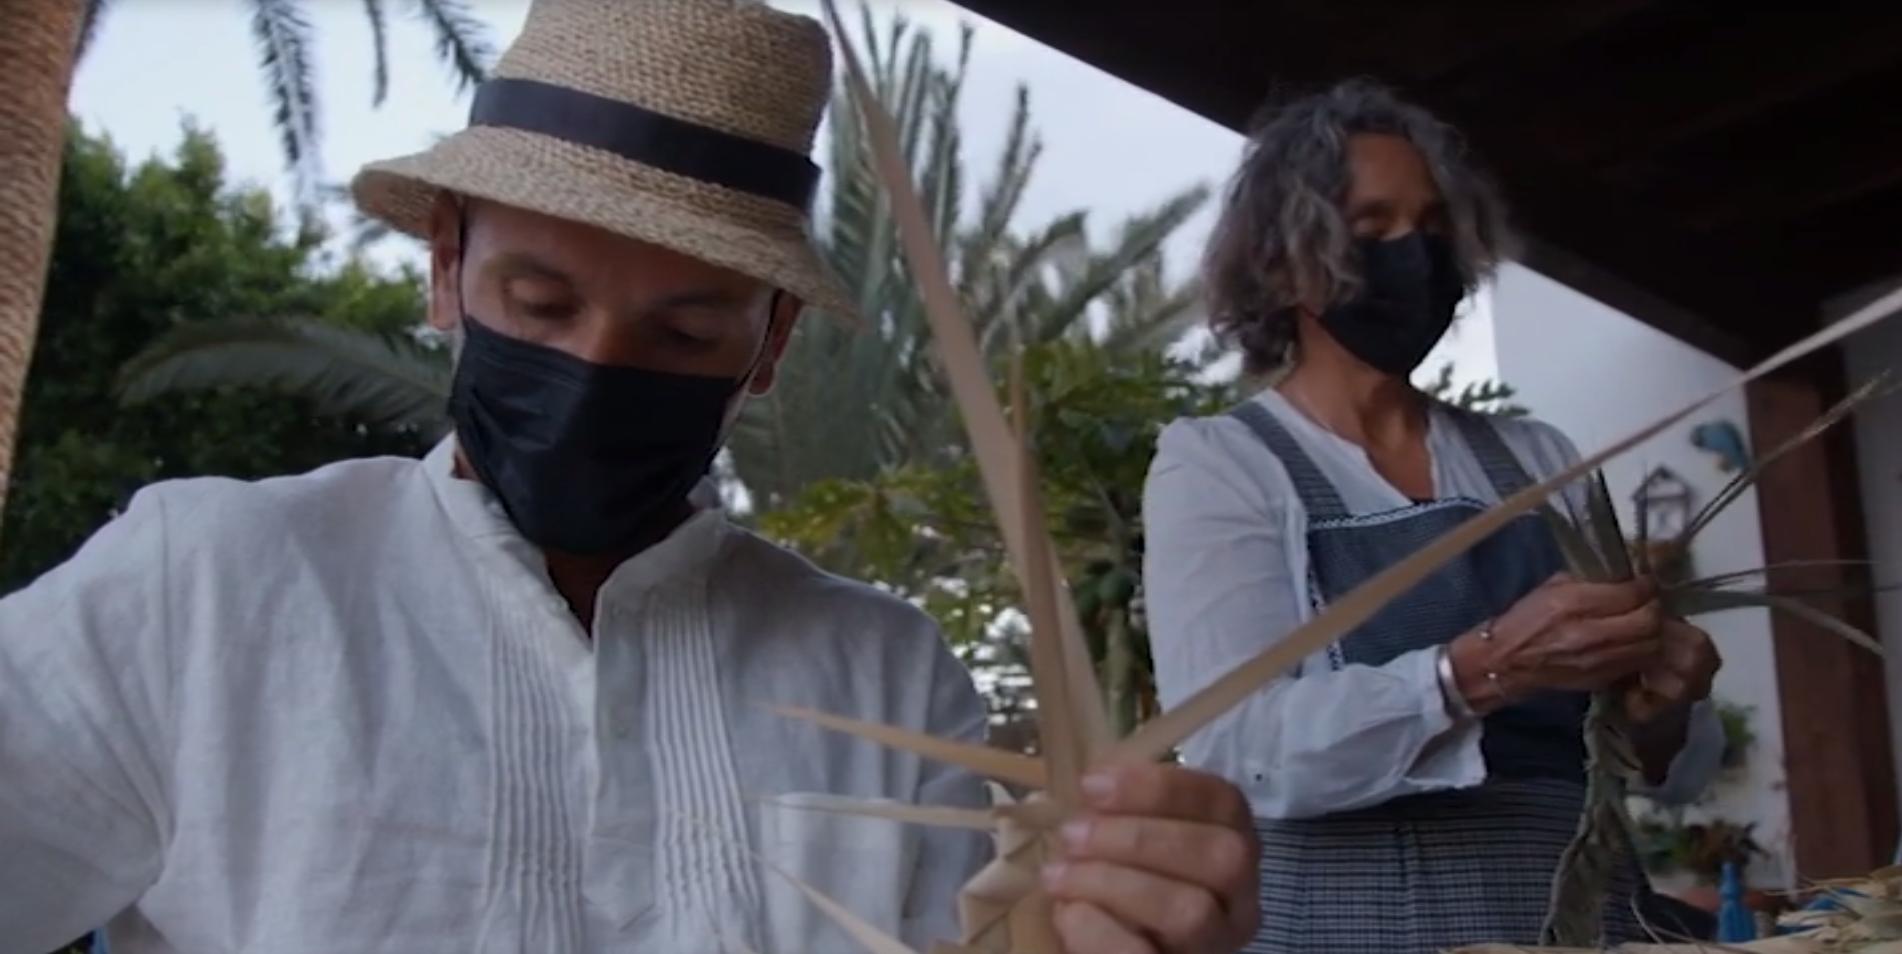 Captura-de-pantalla-561 Onda Fuerteventura y Mírame TV celebran el Día de Canarias con una programación especial